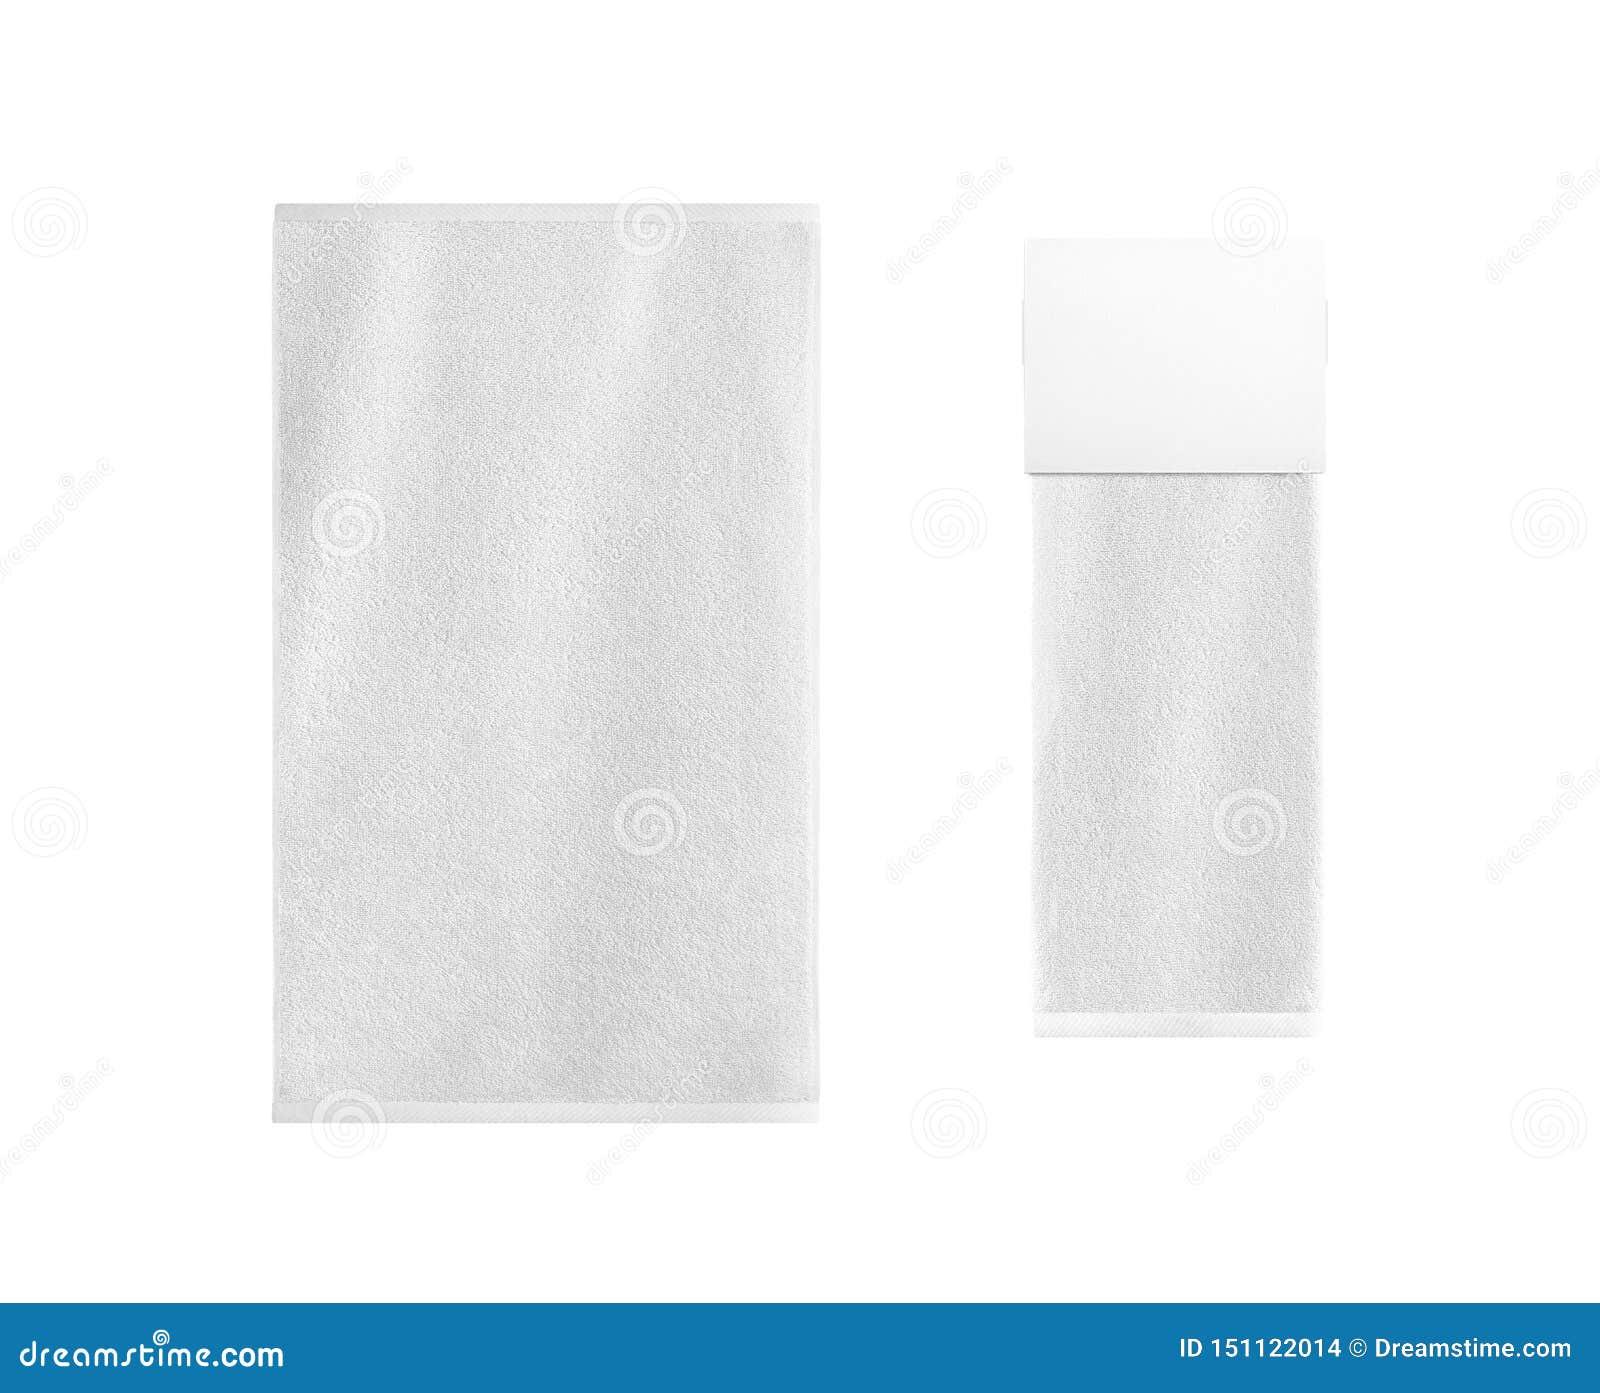 Biel kąpielowe tekstylne rzeczy ustawiać odizolowywać Opróżnia detalicznego wieszaka z fałdowym Terry ręcznikiem